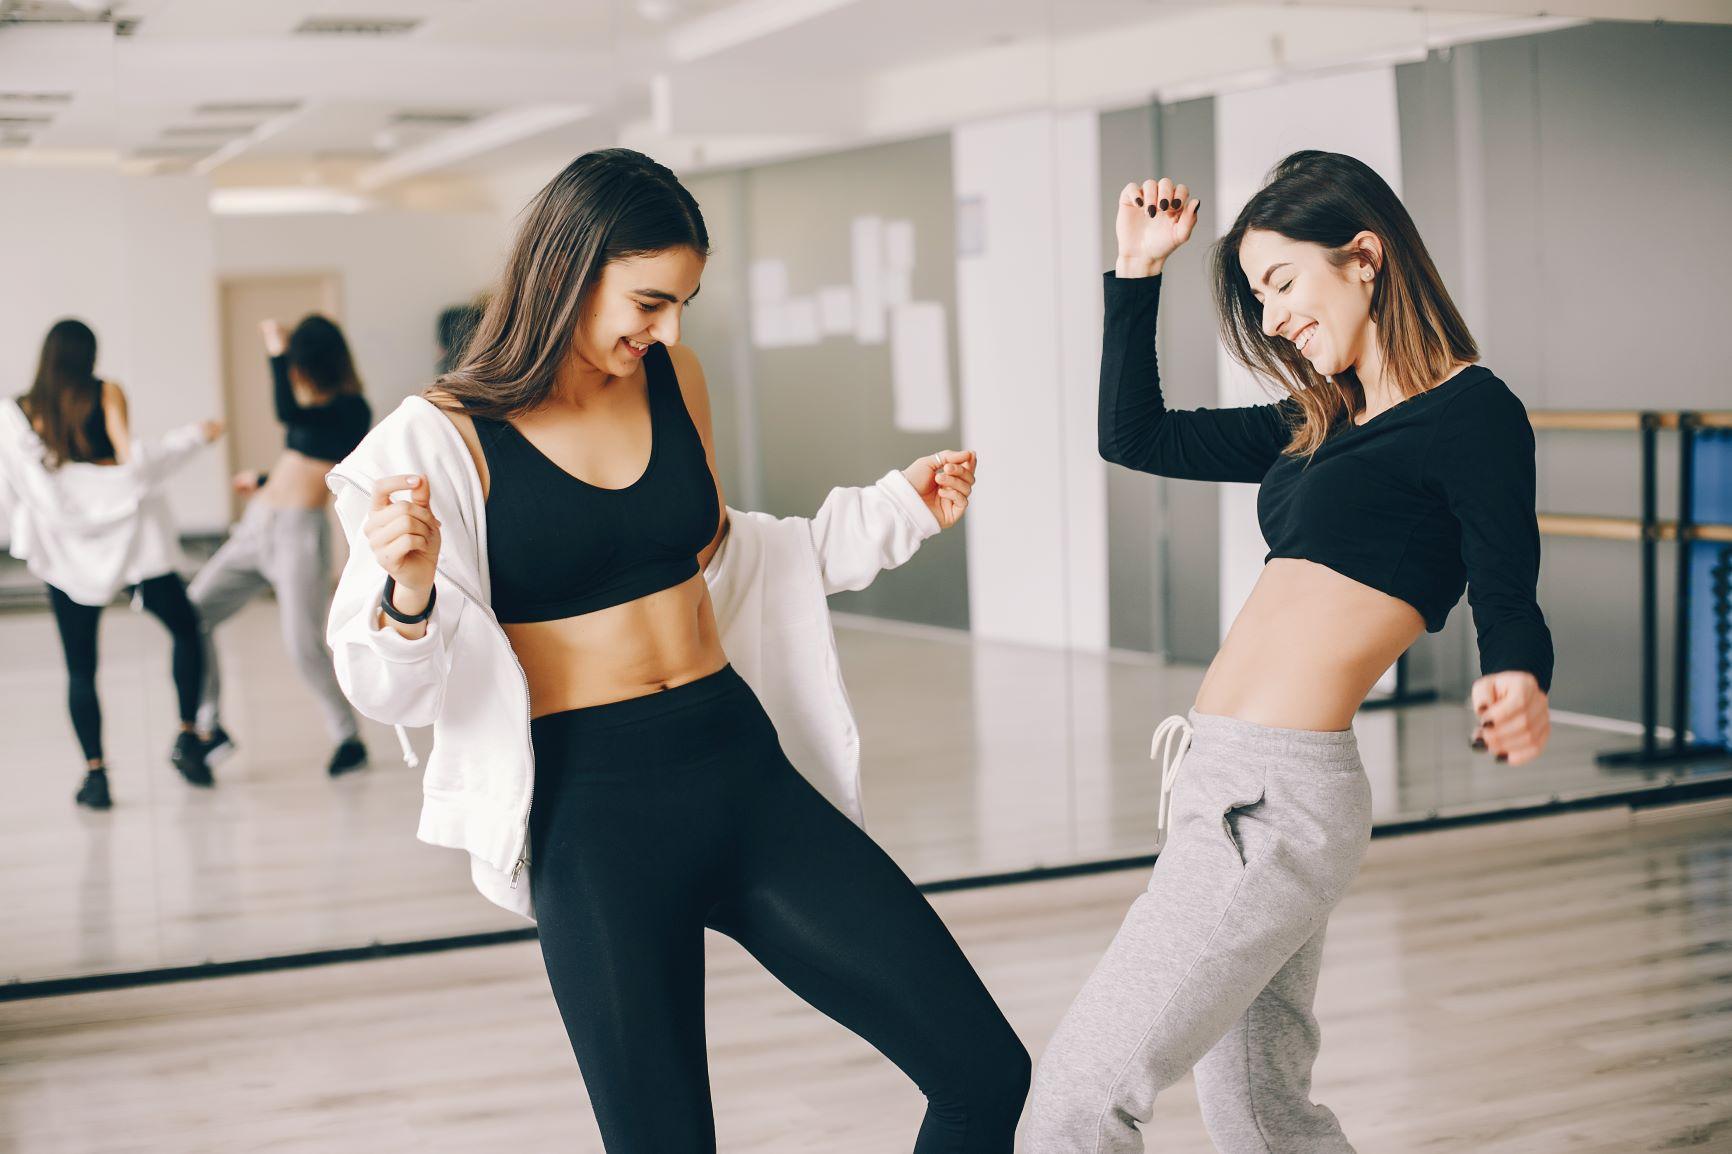 vplyv tanca na postavu